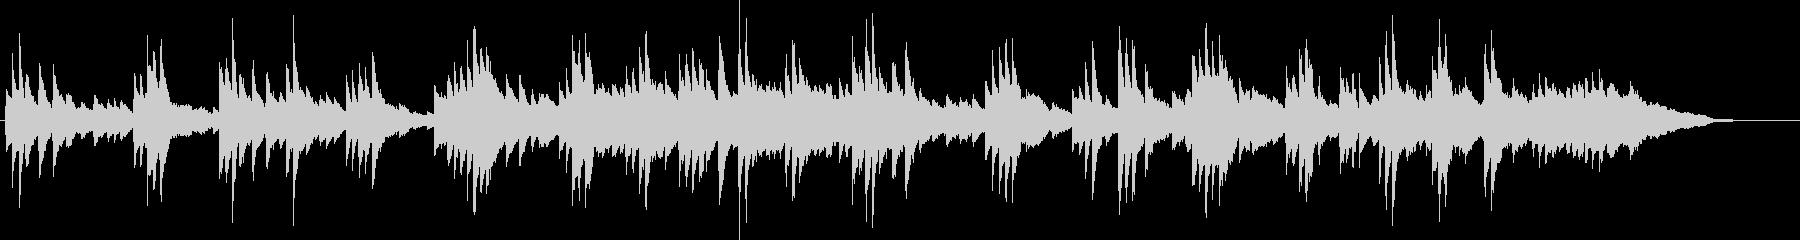 企業VP、映像などに最適なピアノBGMの未再生の波形